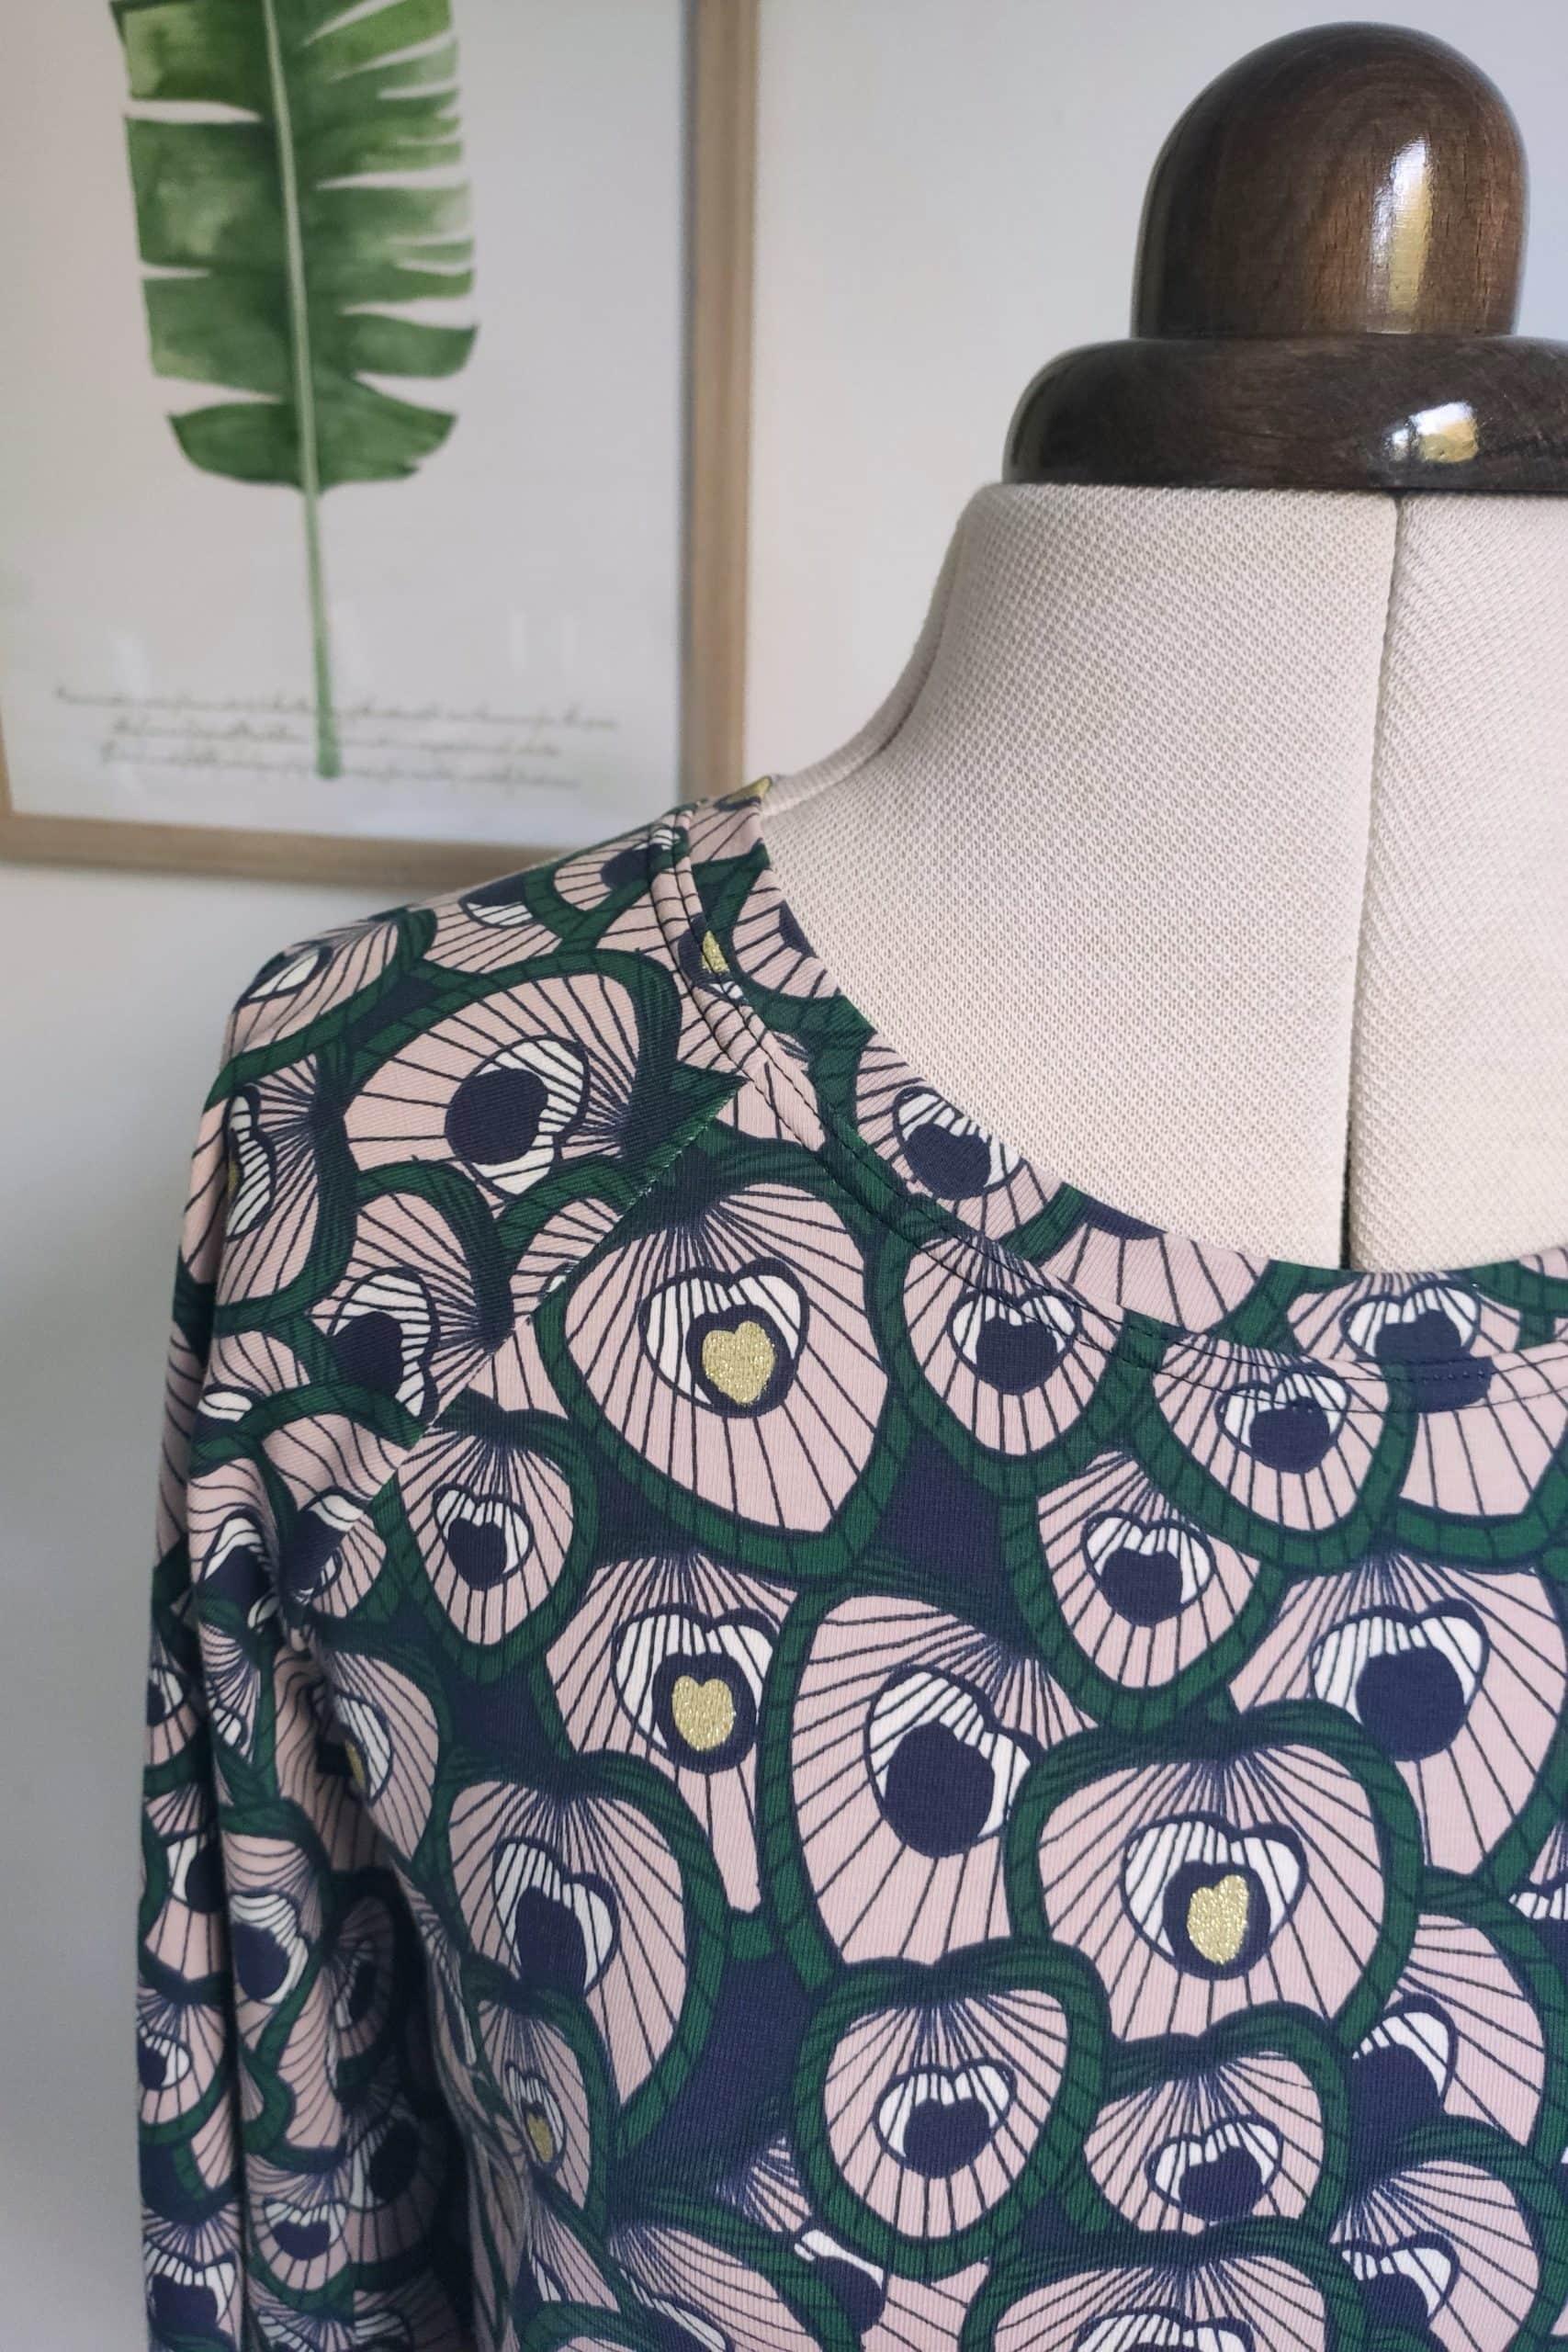 Halsausschnitt des Fledermausshirts.